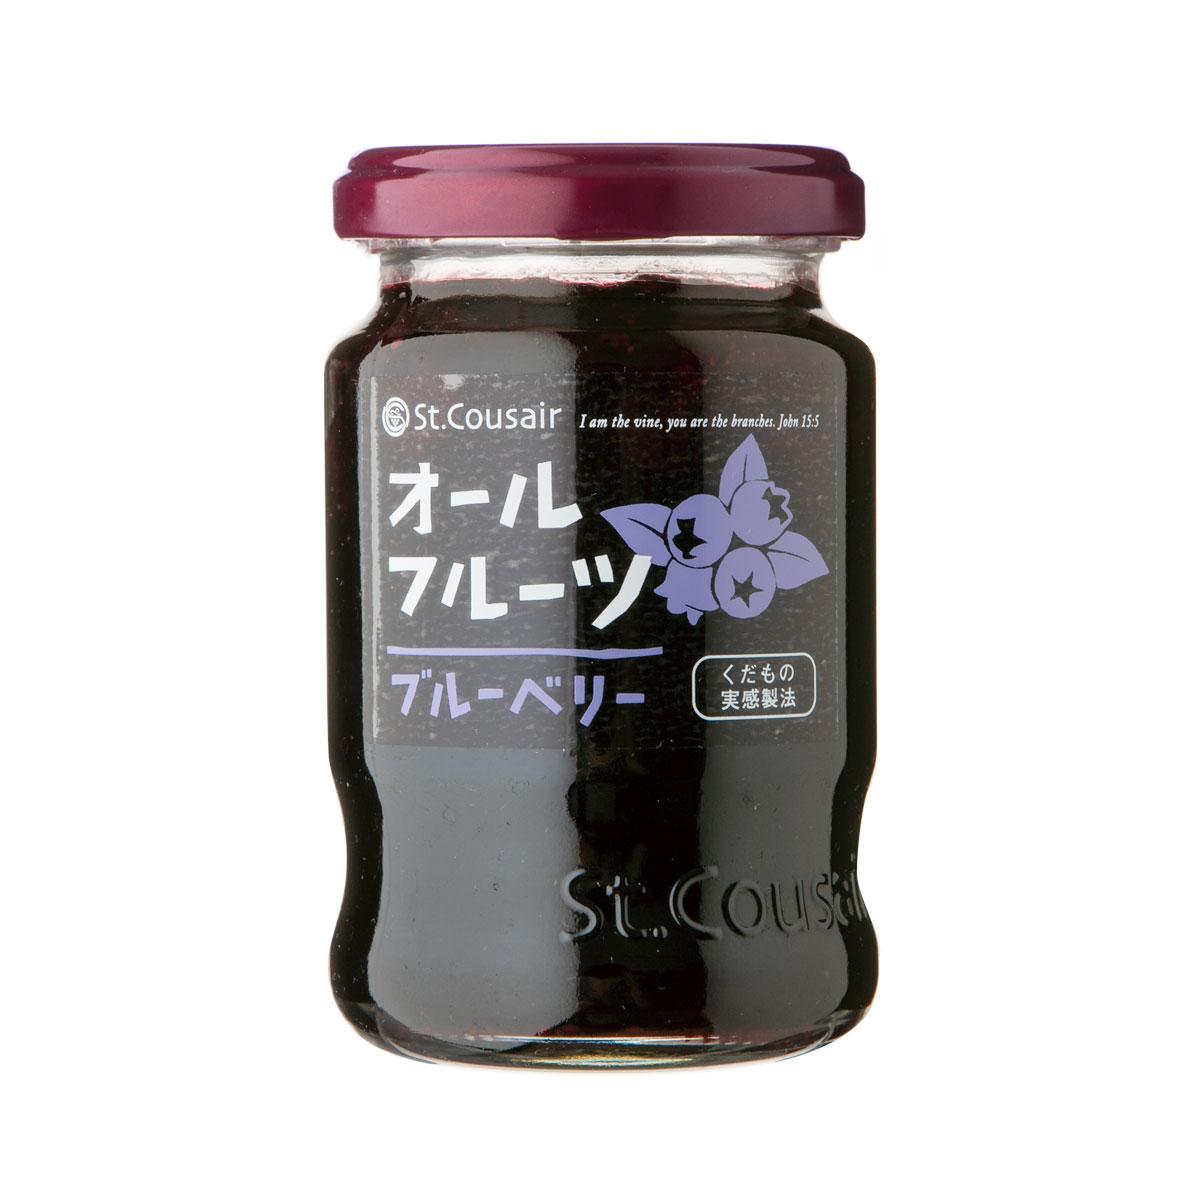 【サンクゼール】<リニューアル>オールフルーツジャム ブルーベリー 185g